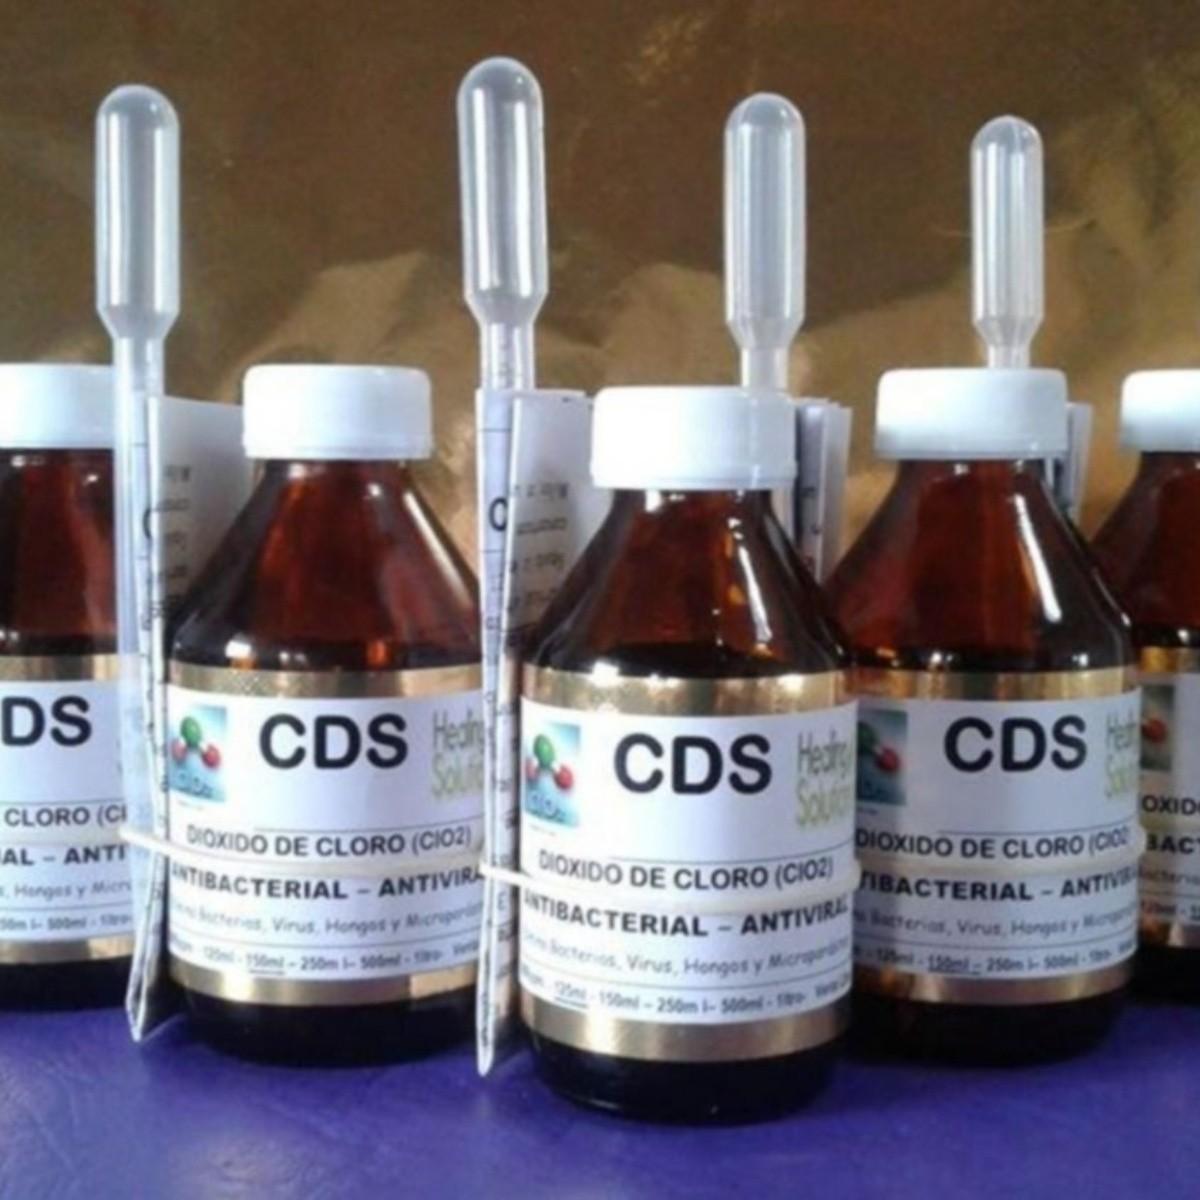 dioxido-cloro